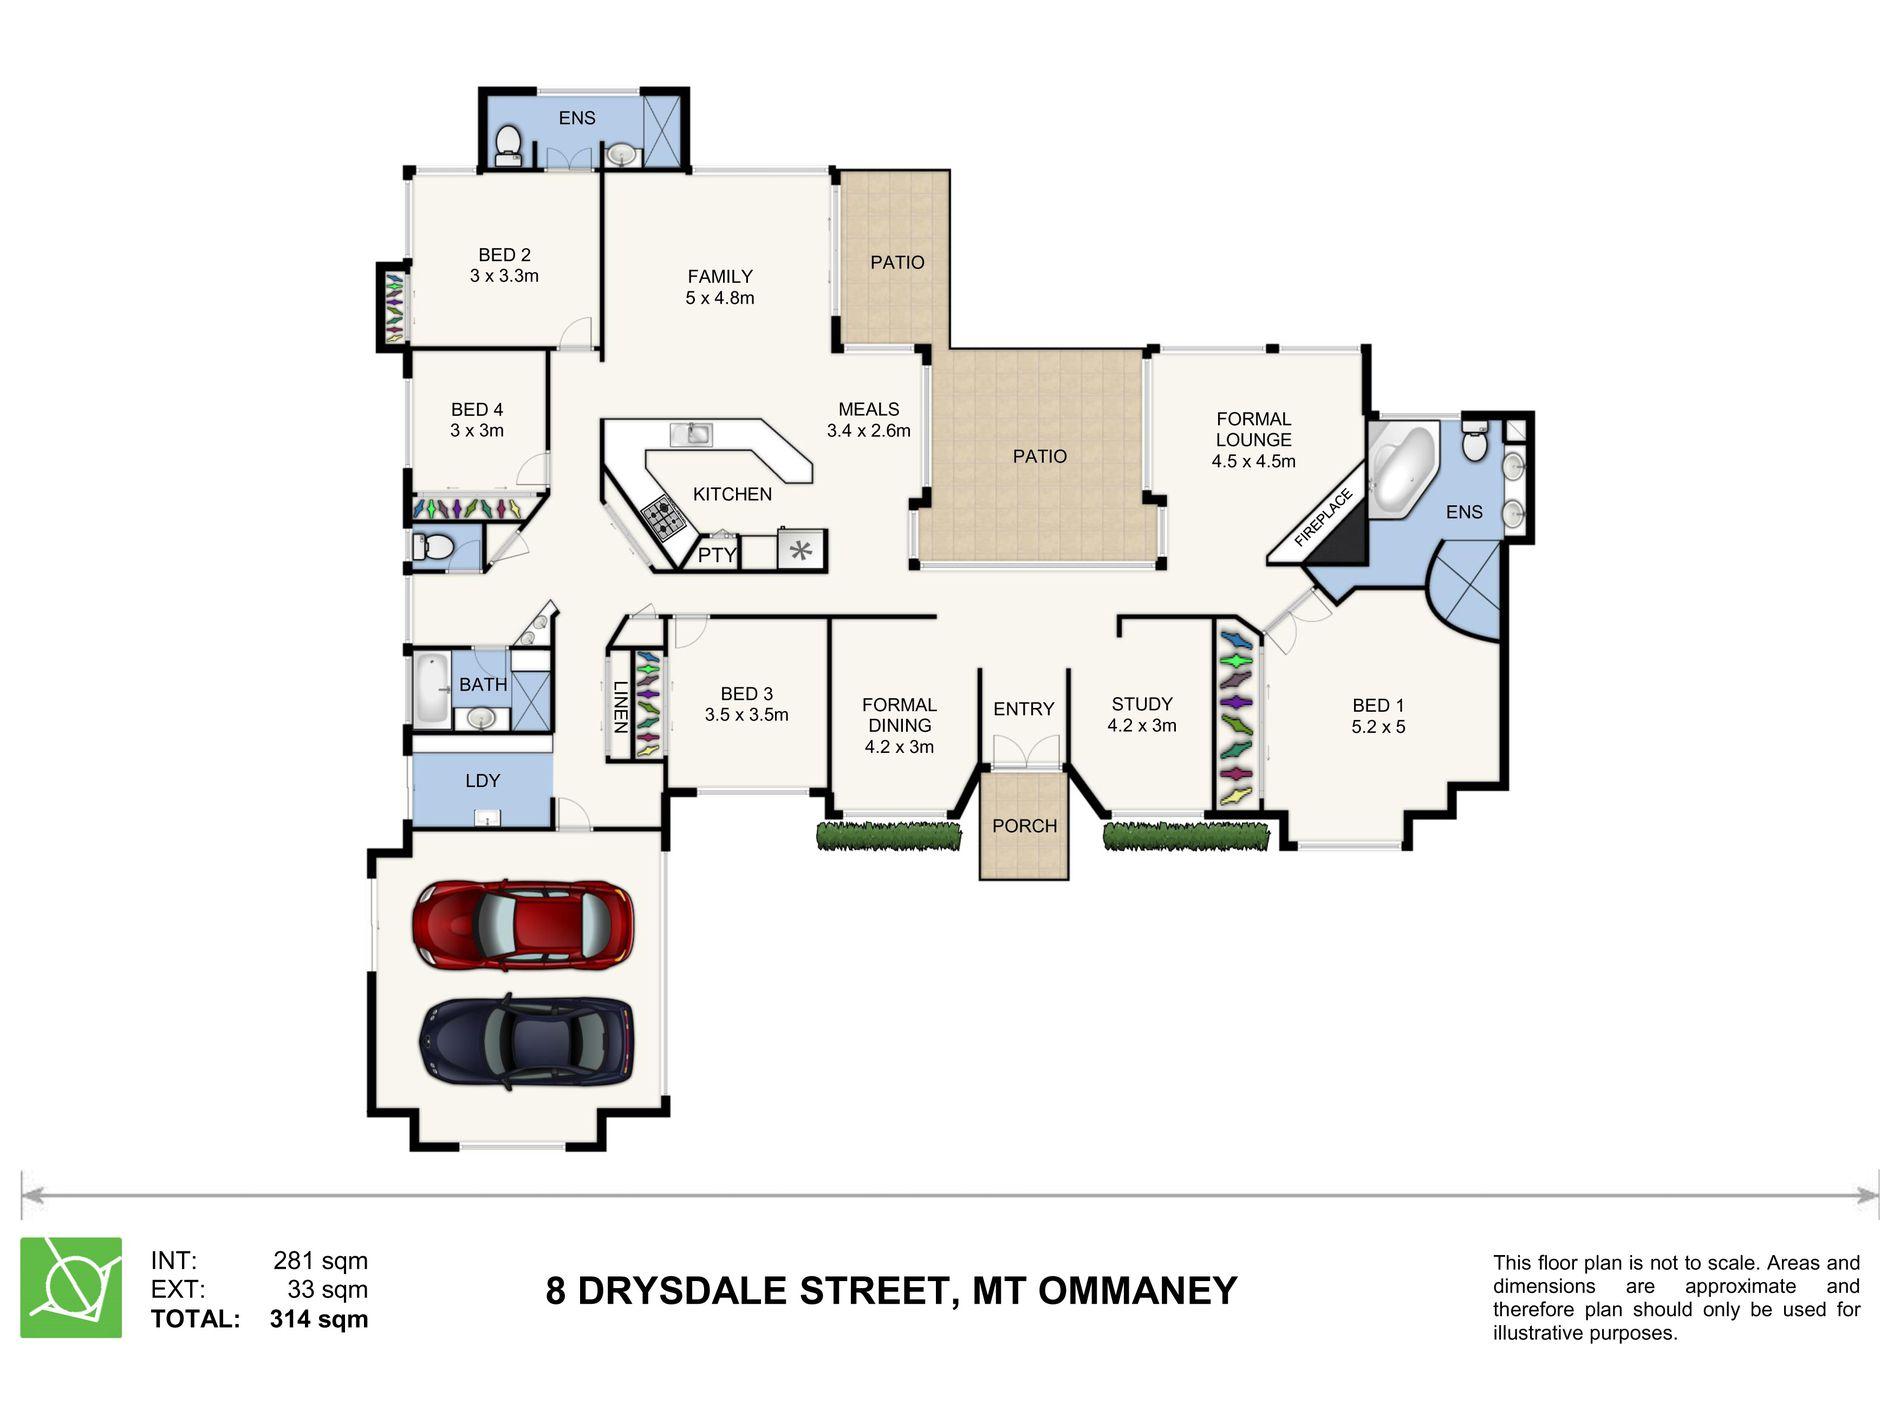 8 Drysdale Street, Mount Ommaney